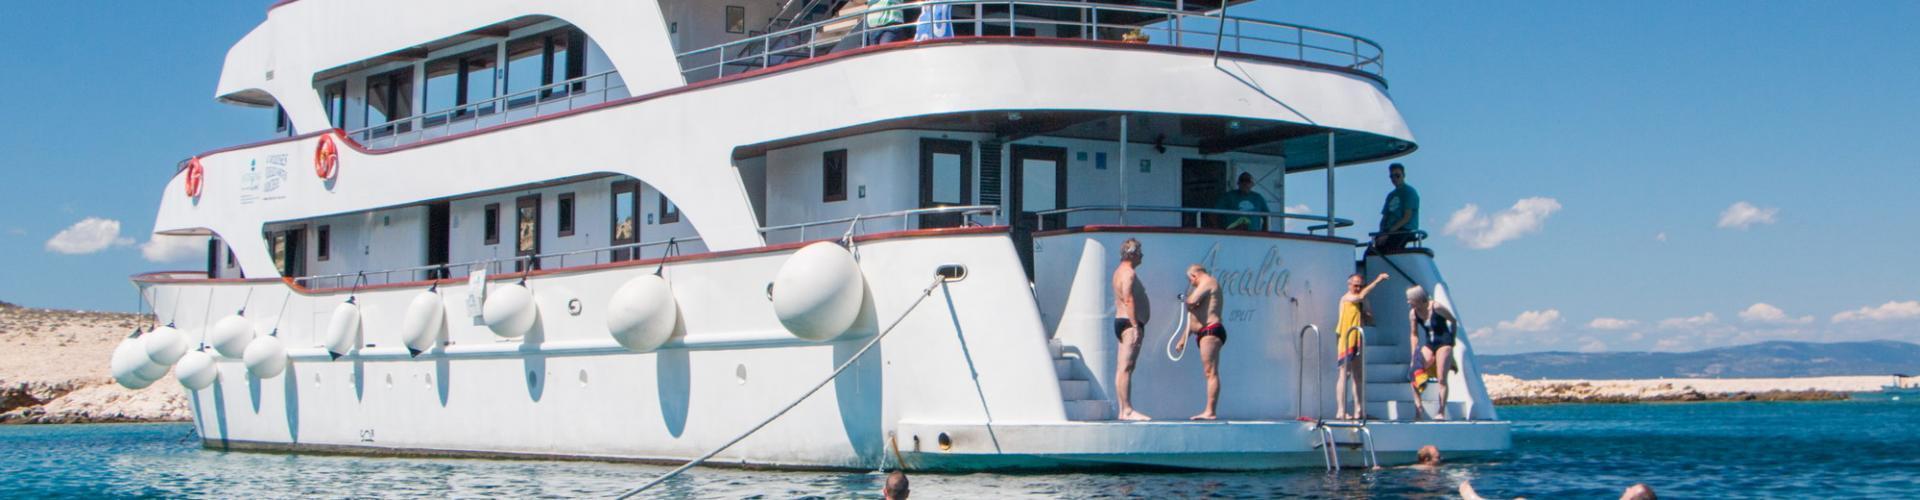 2013. Premium Superior Kreuzfahrtschiff MV Amalia